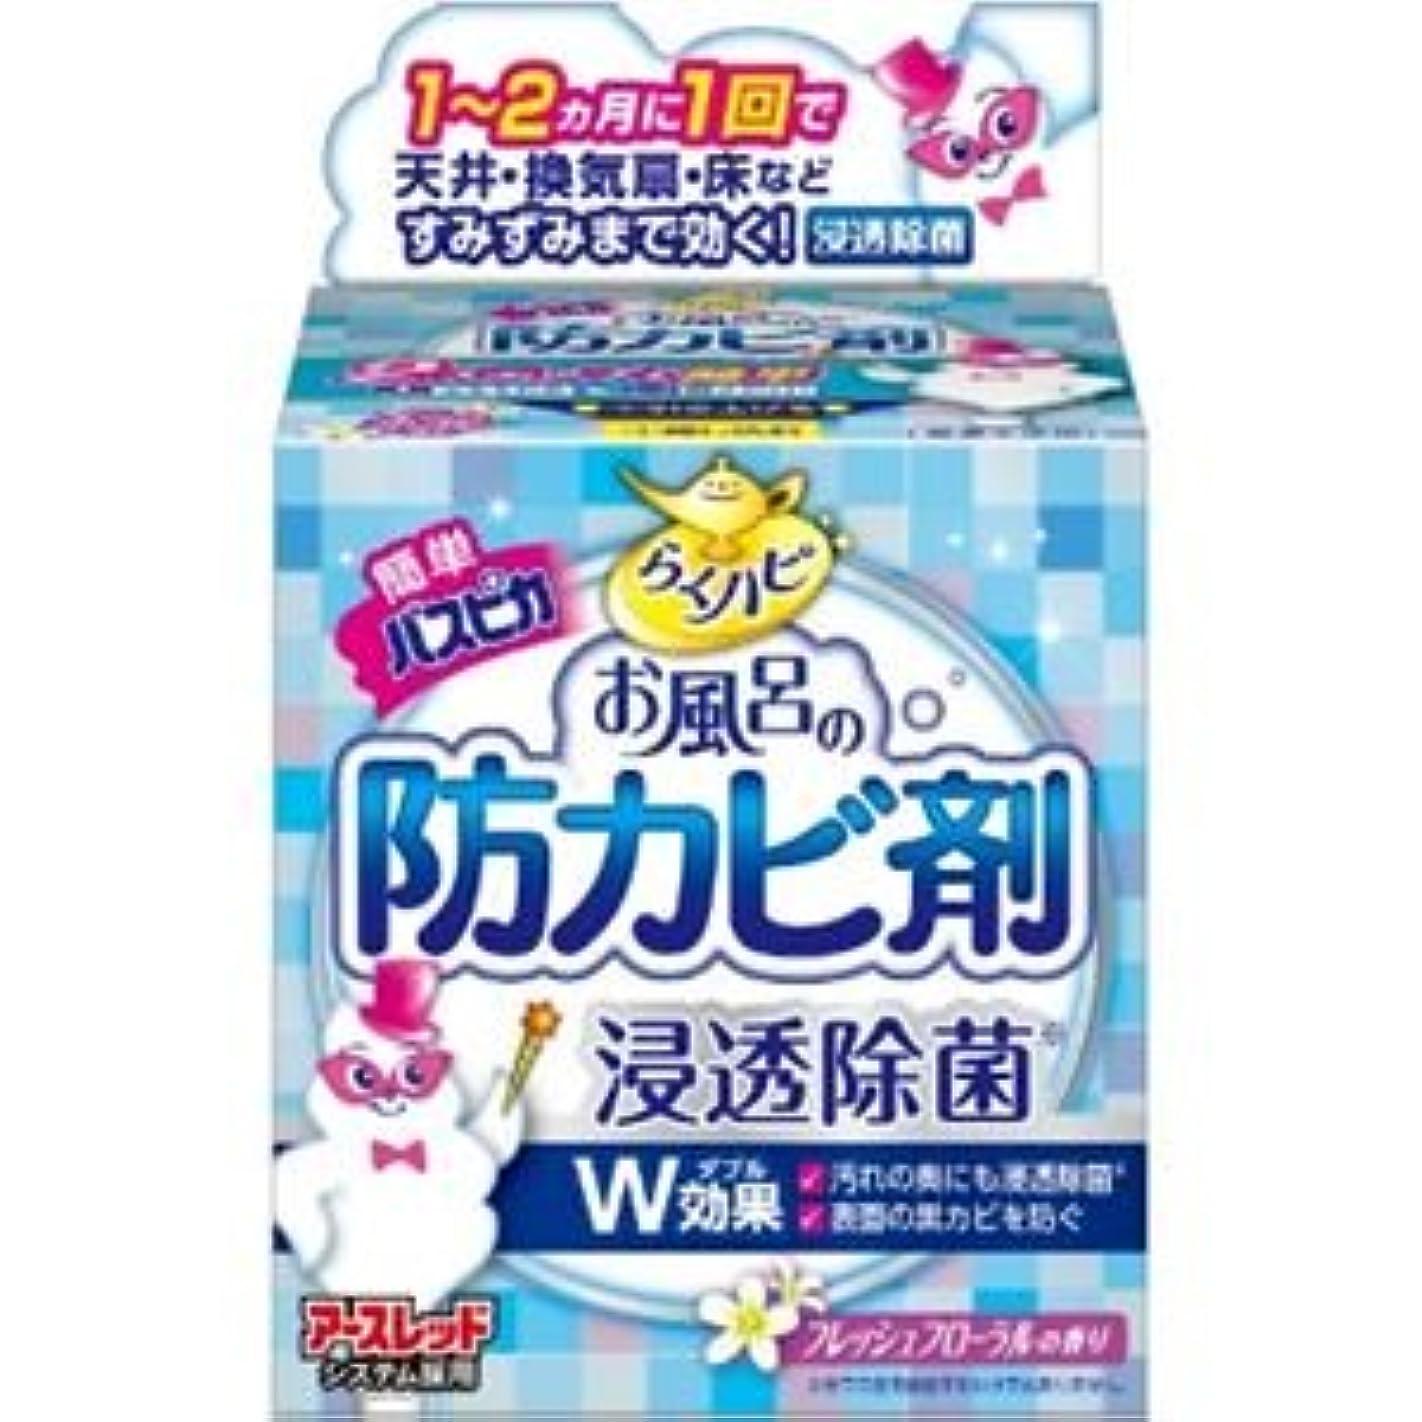 パーツ生命体中で(まとめ)アース製薬 らくハピお風呂の防カビ剤フローラルの香り 【×3点セット】